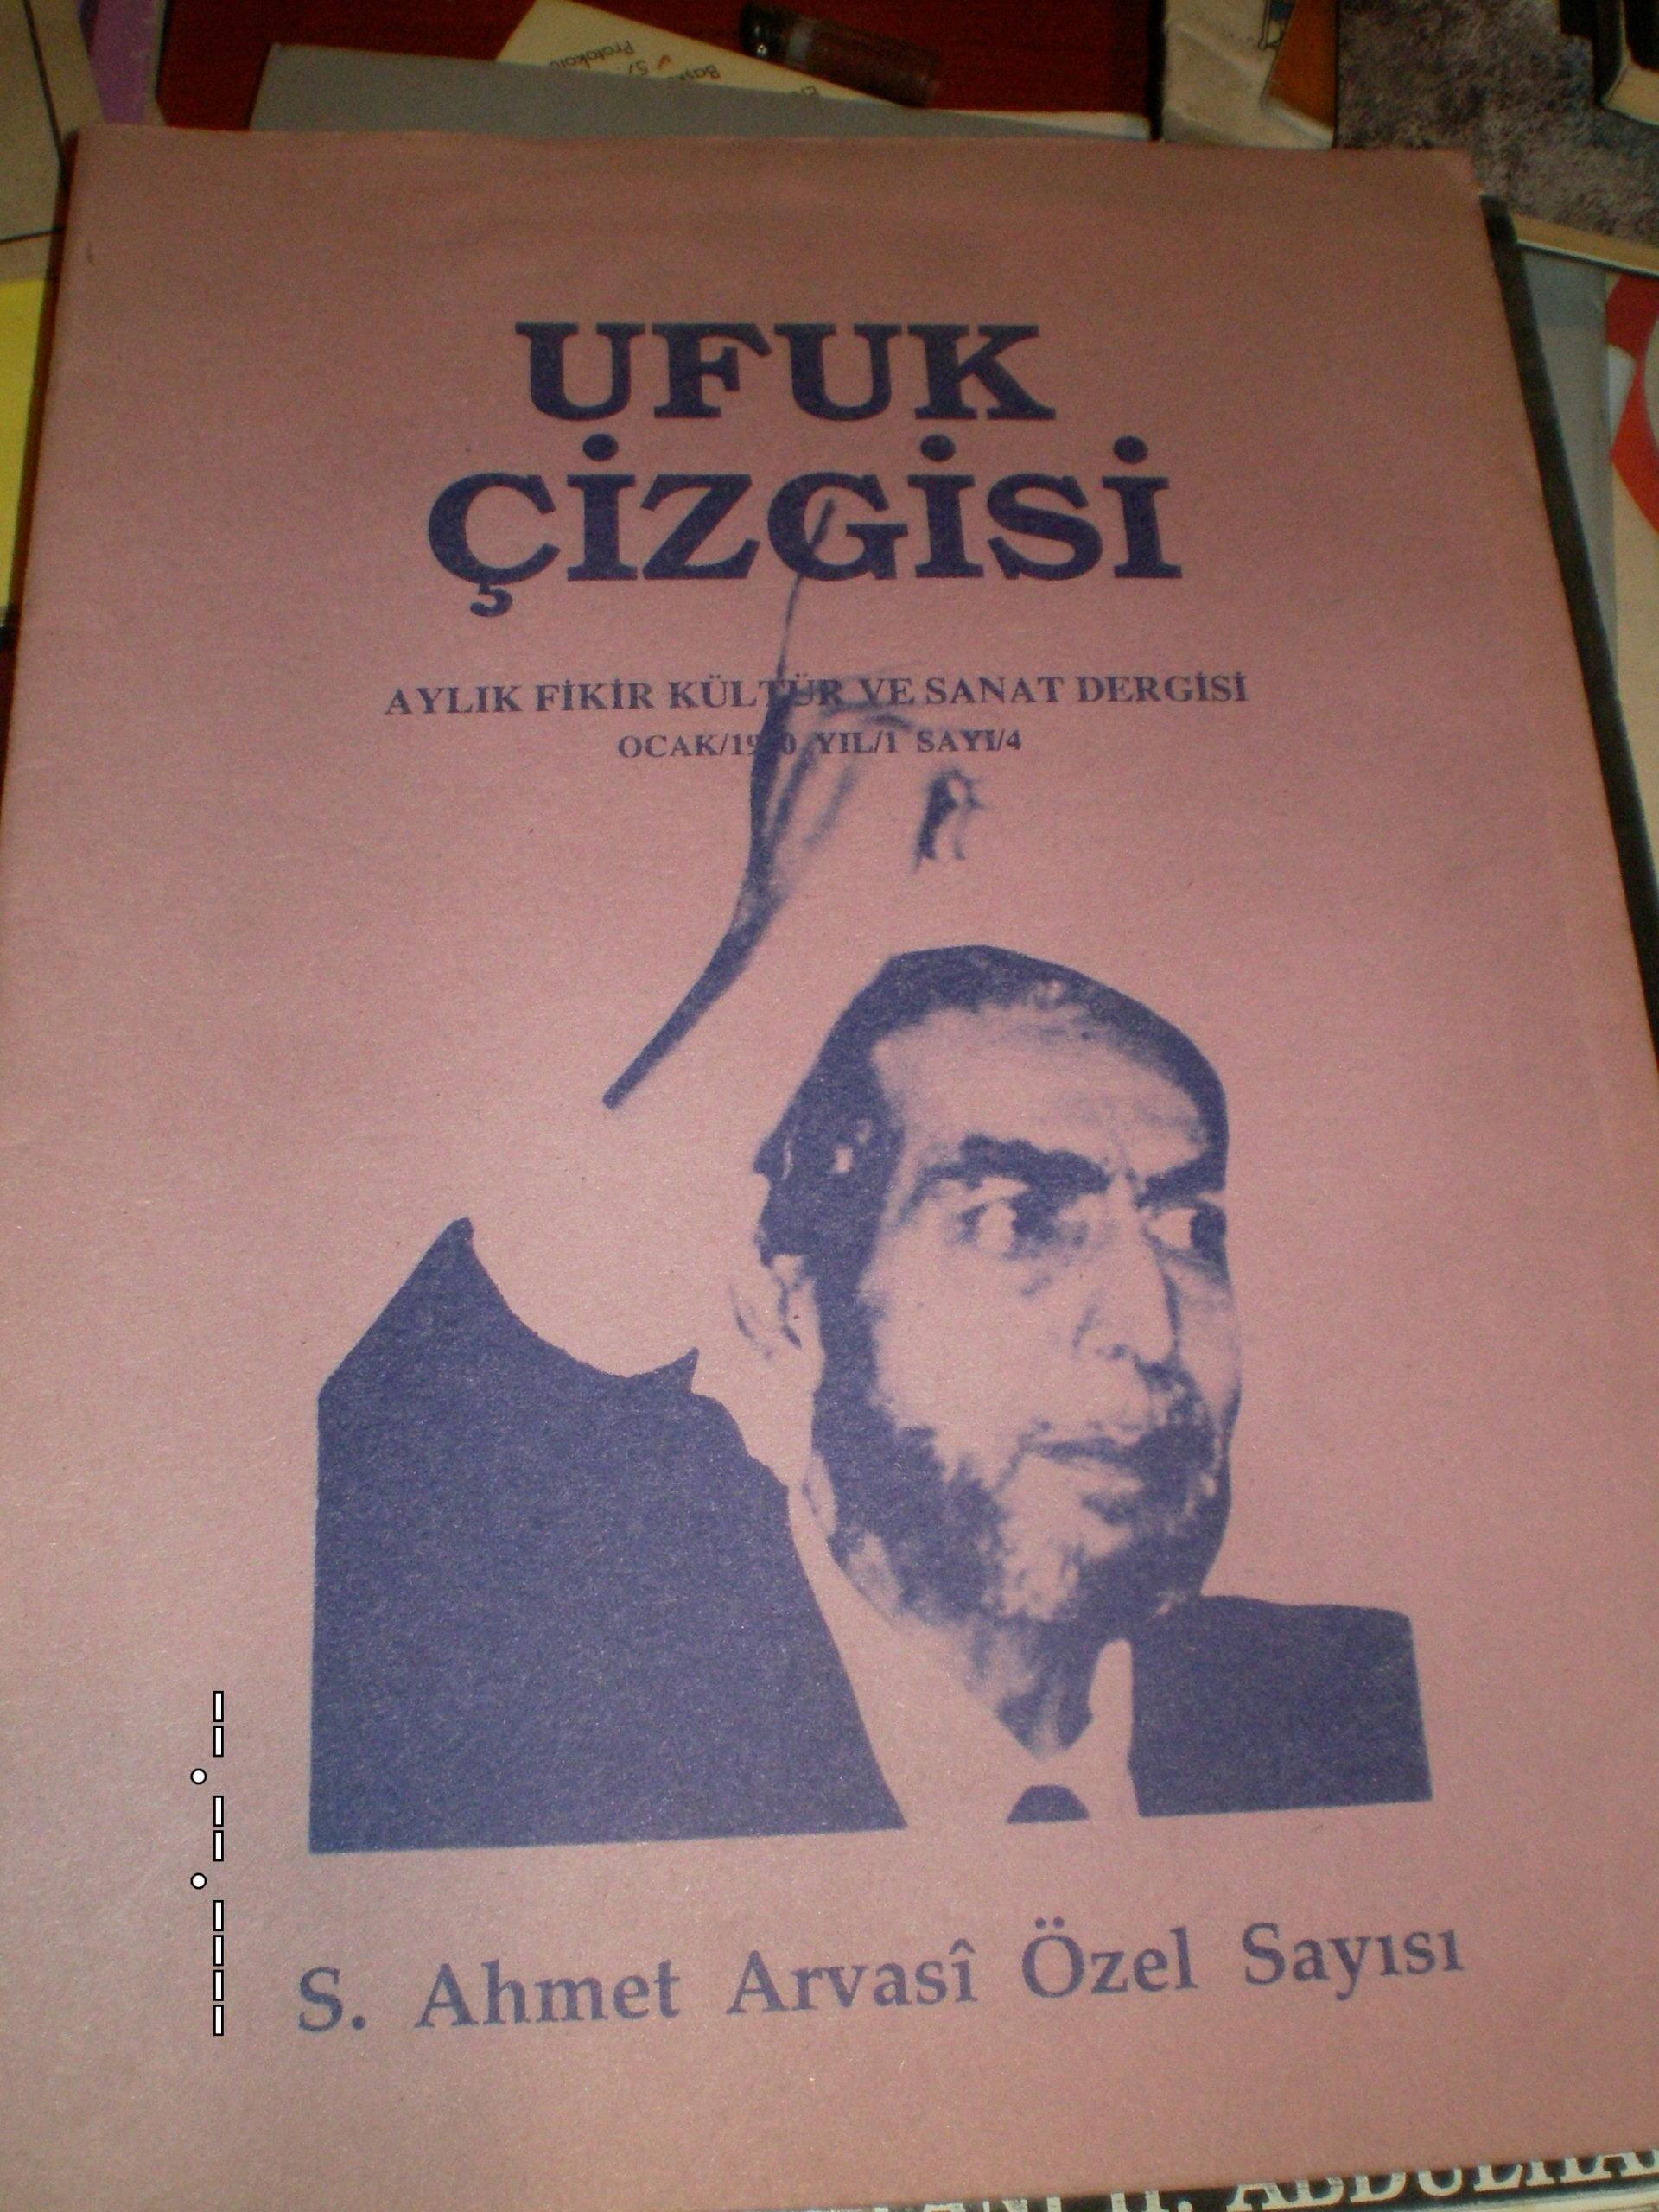 UFUK ÇİZGİSİ-S.Ahmet Arvasi Özel Sayısı-1990 sayı 4 /1adet/ 10 tl